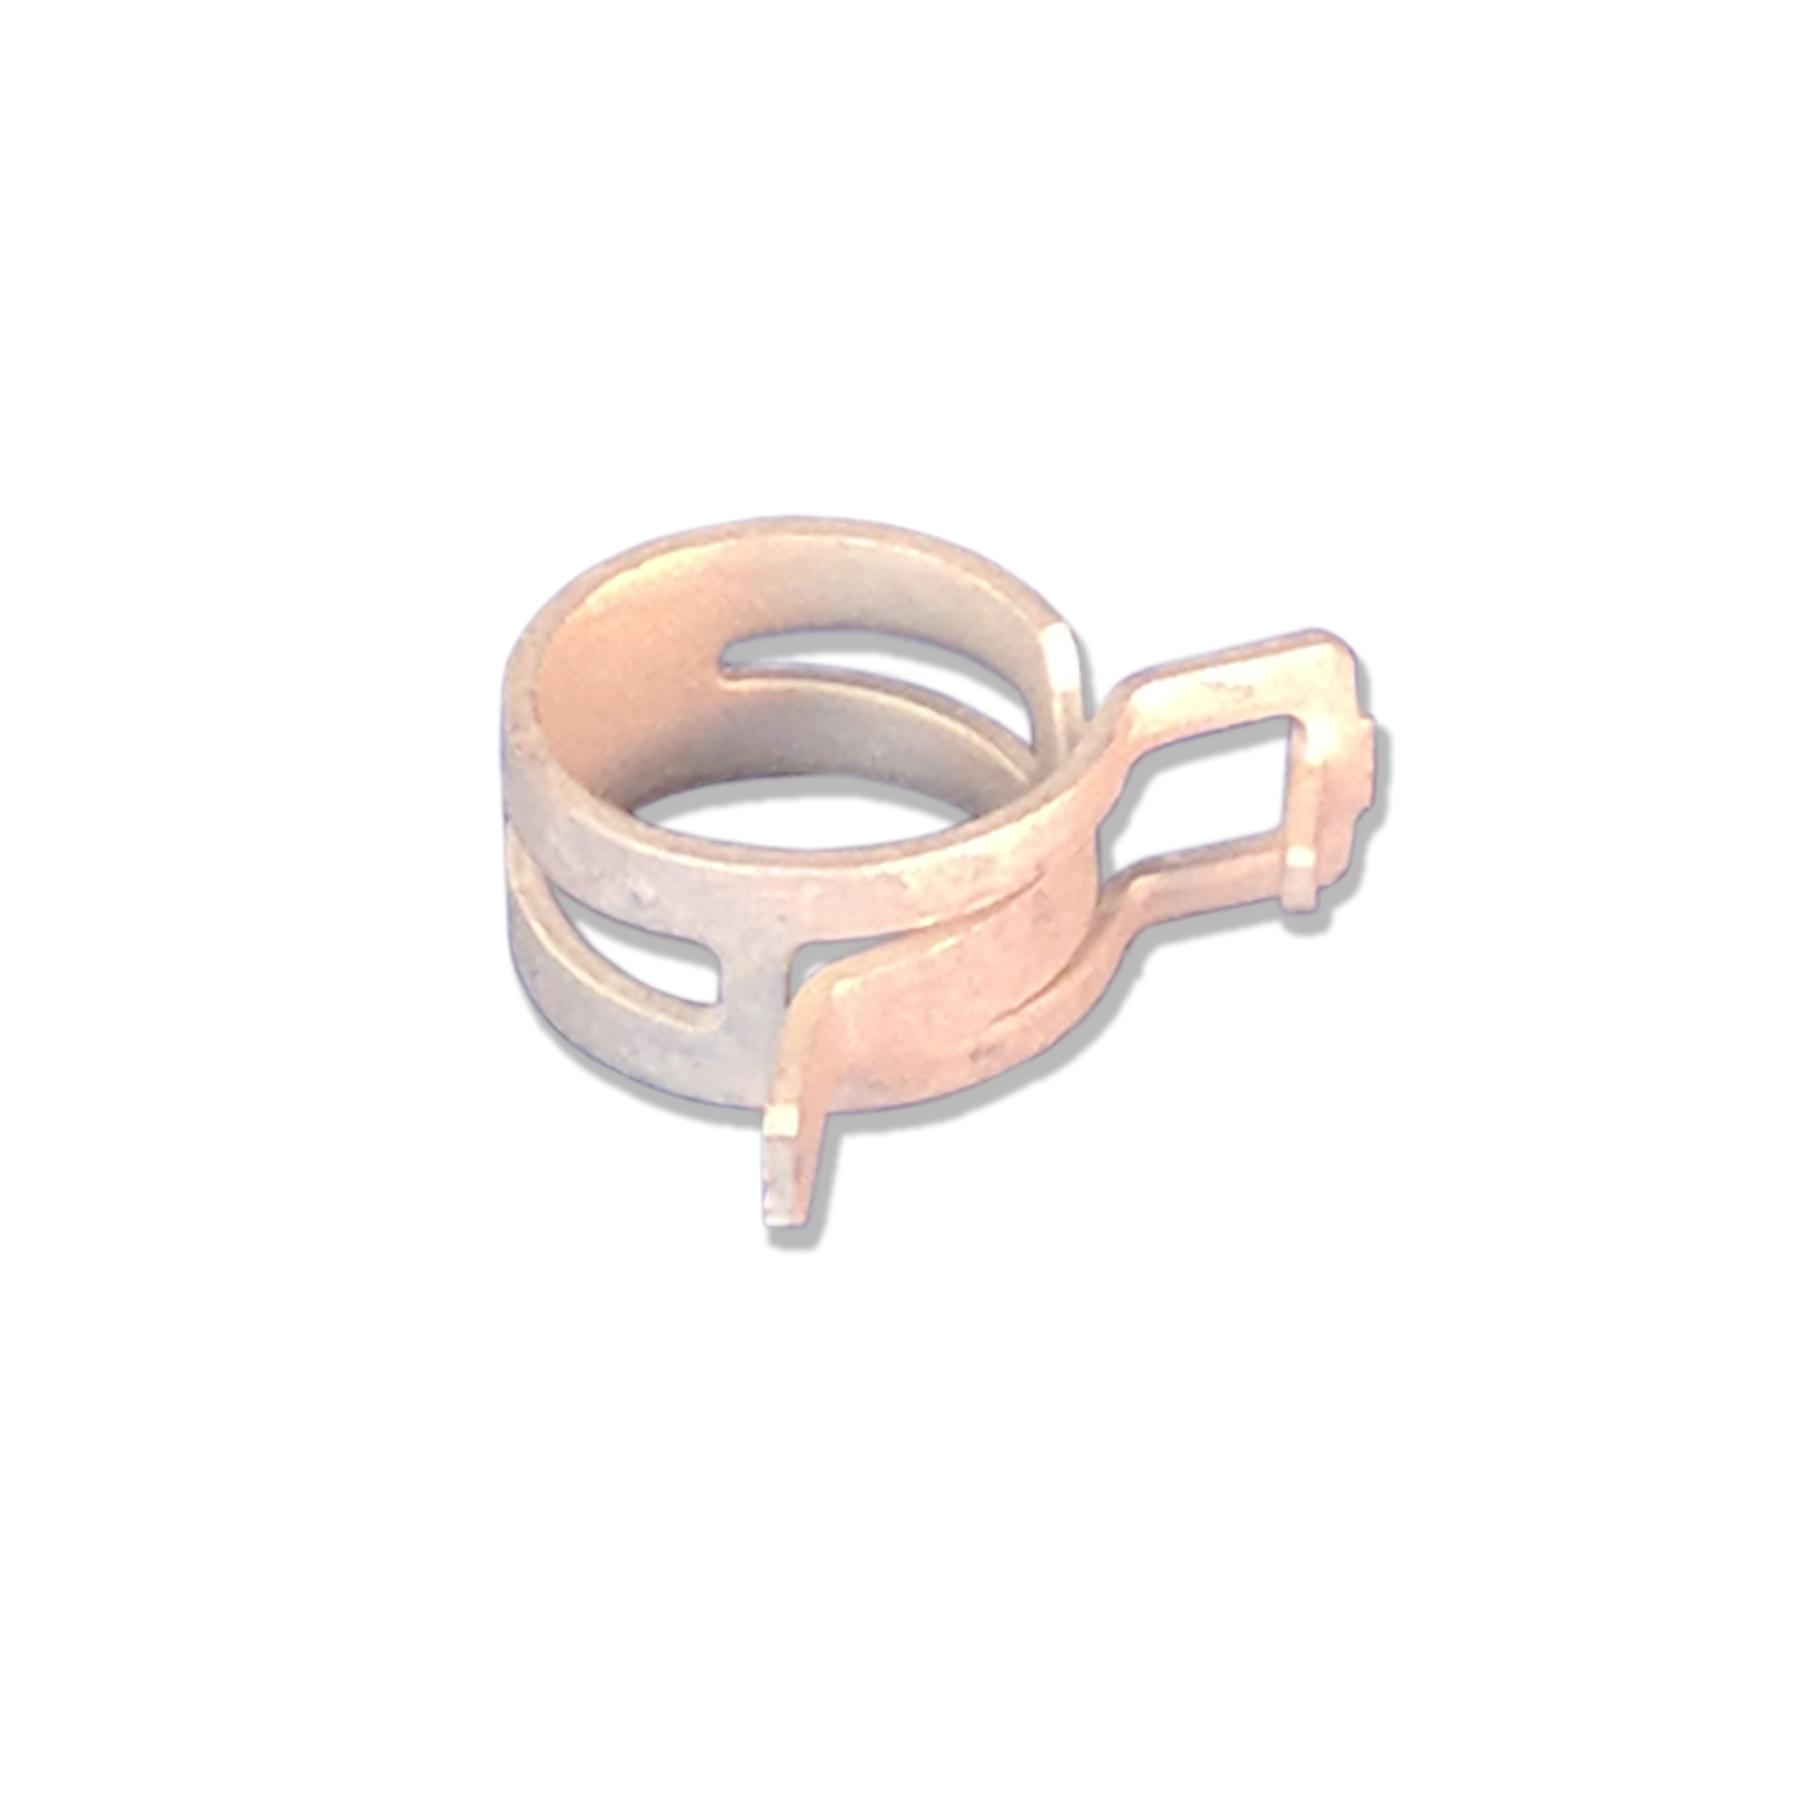 Band Clamp Hose 1-1/16 in diameter